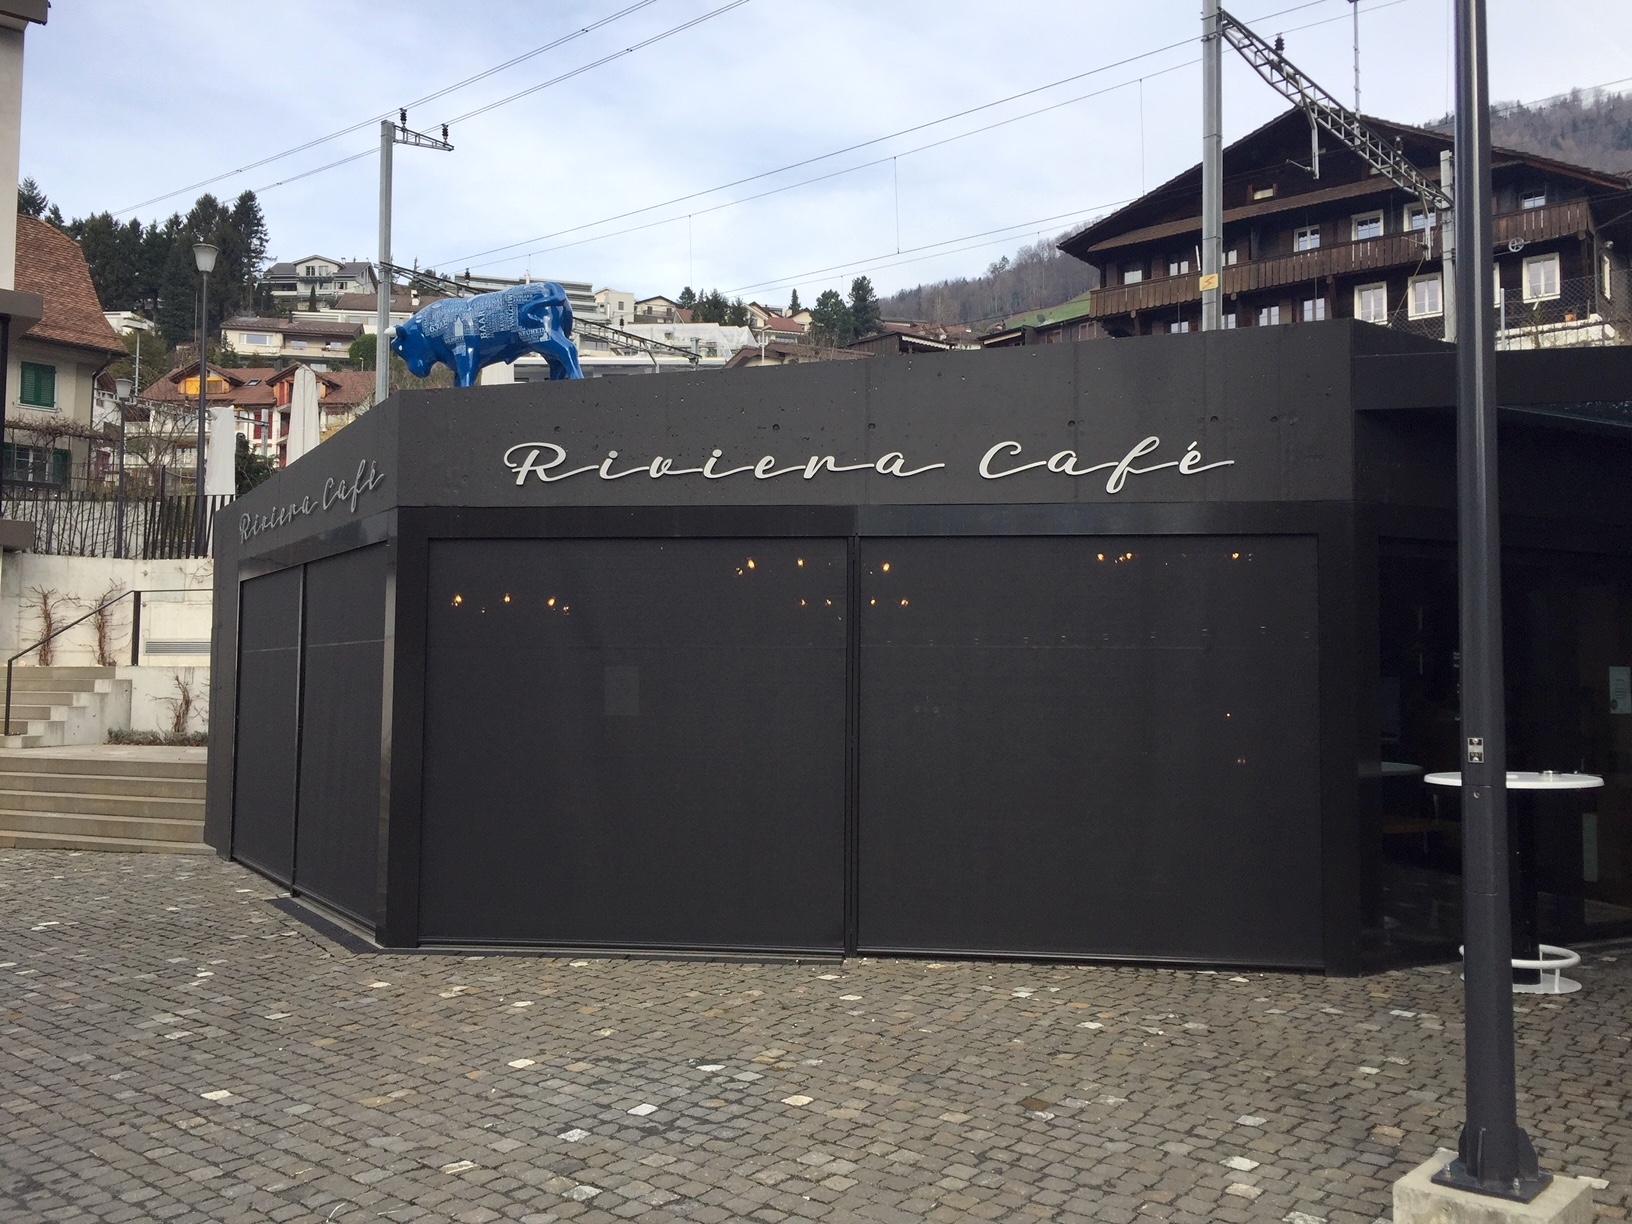 Noch sind die Läden unten. Am 2. Februar feiert man im Riviera Café Eröffnung.